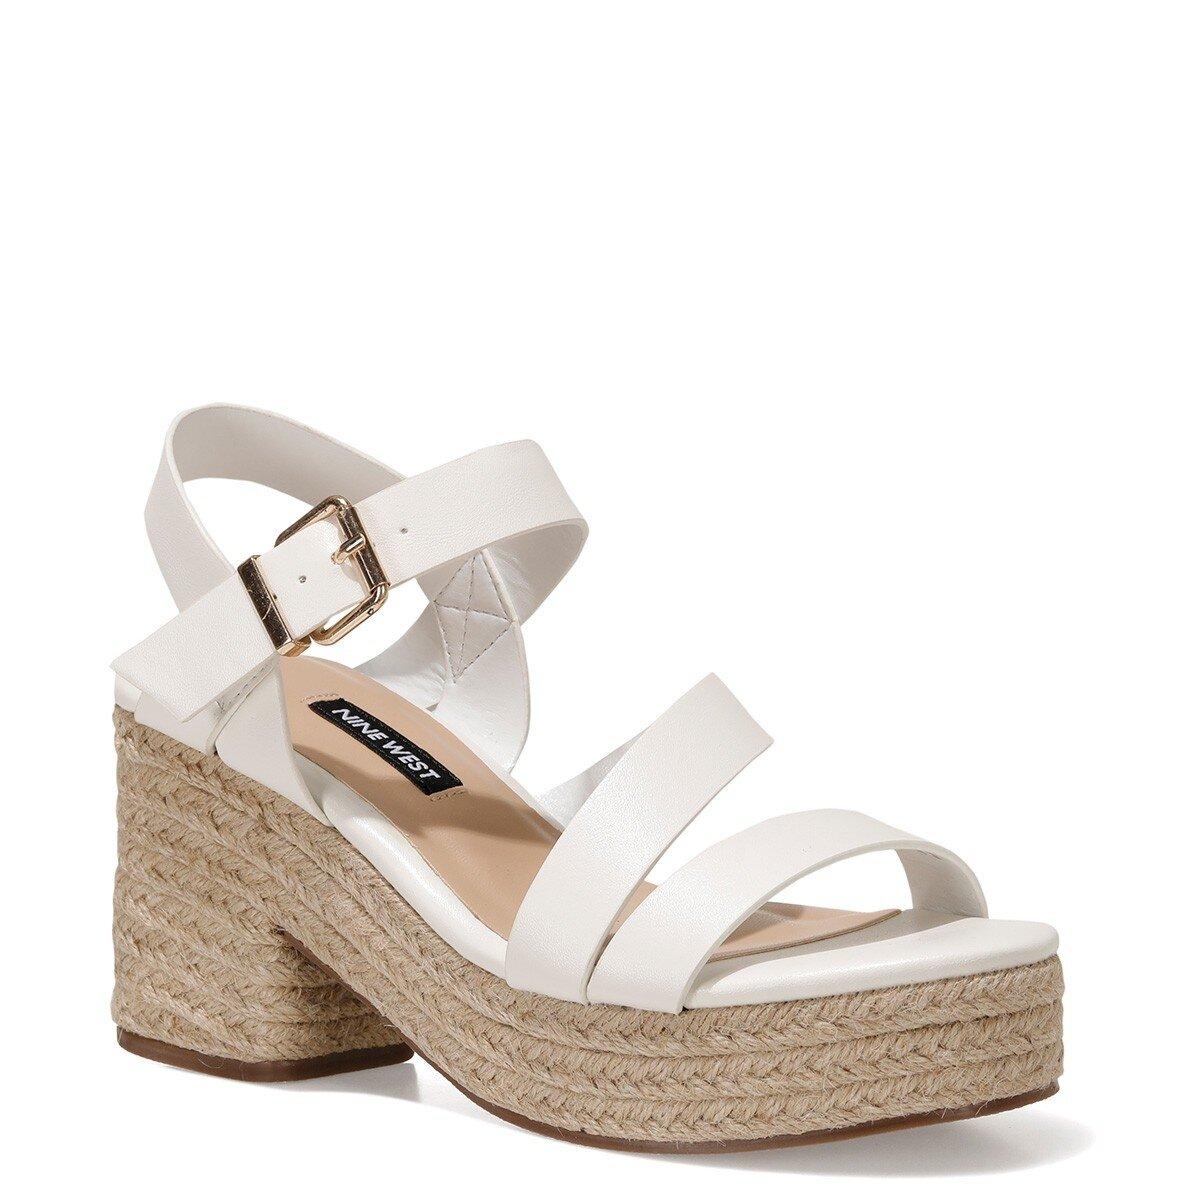 WEASA 1FX Beyaz Kadın Topuklu Ayakkabı